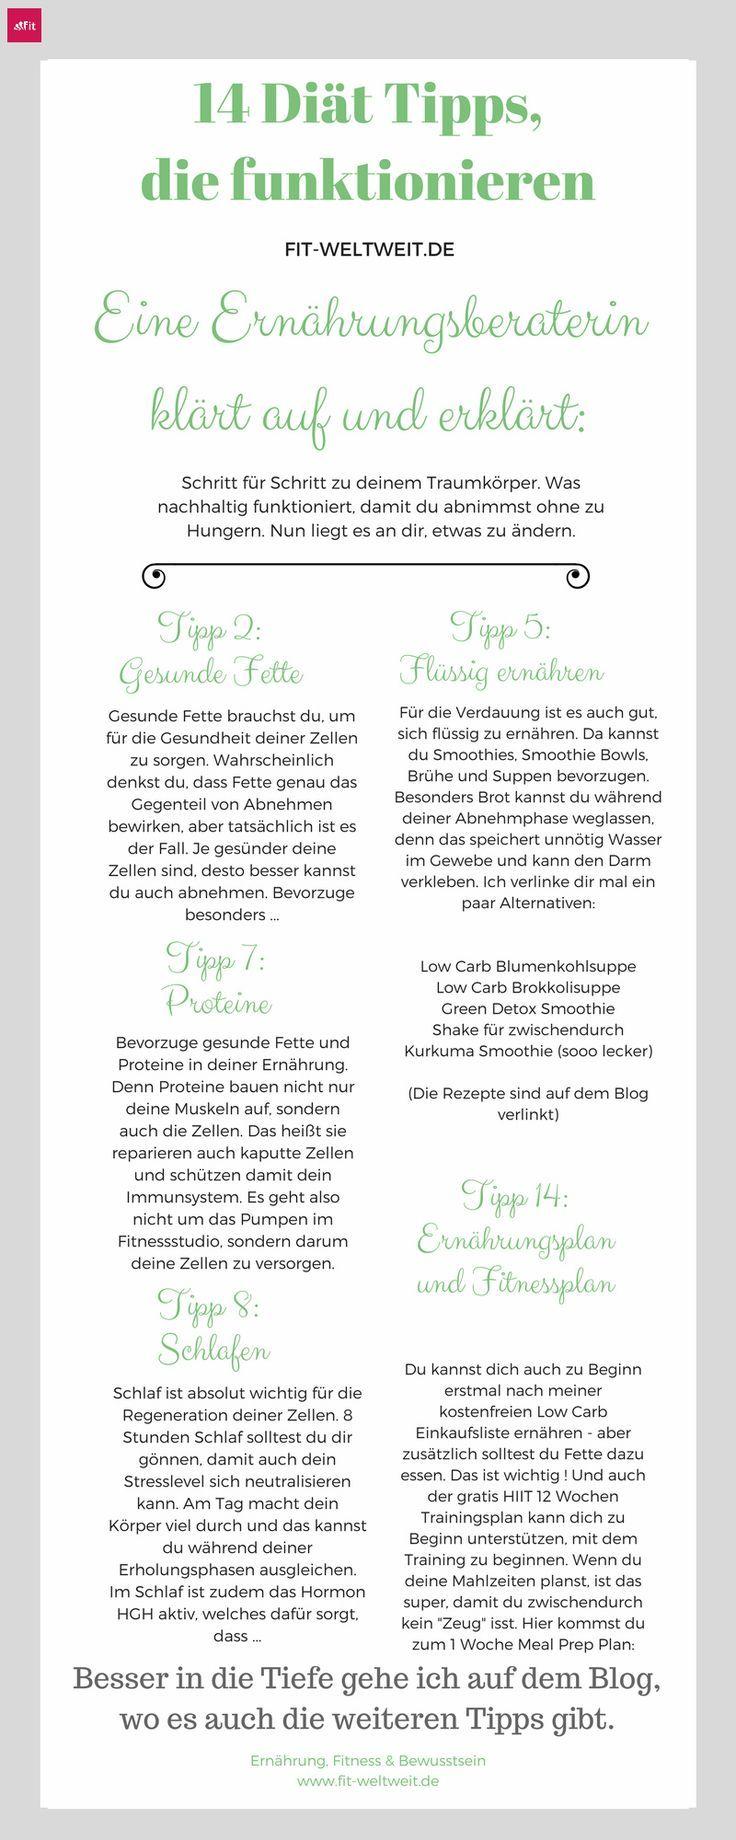 14 Diat Tipps Die Langfristig Funktionieren Tipps Und Tricks